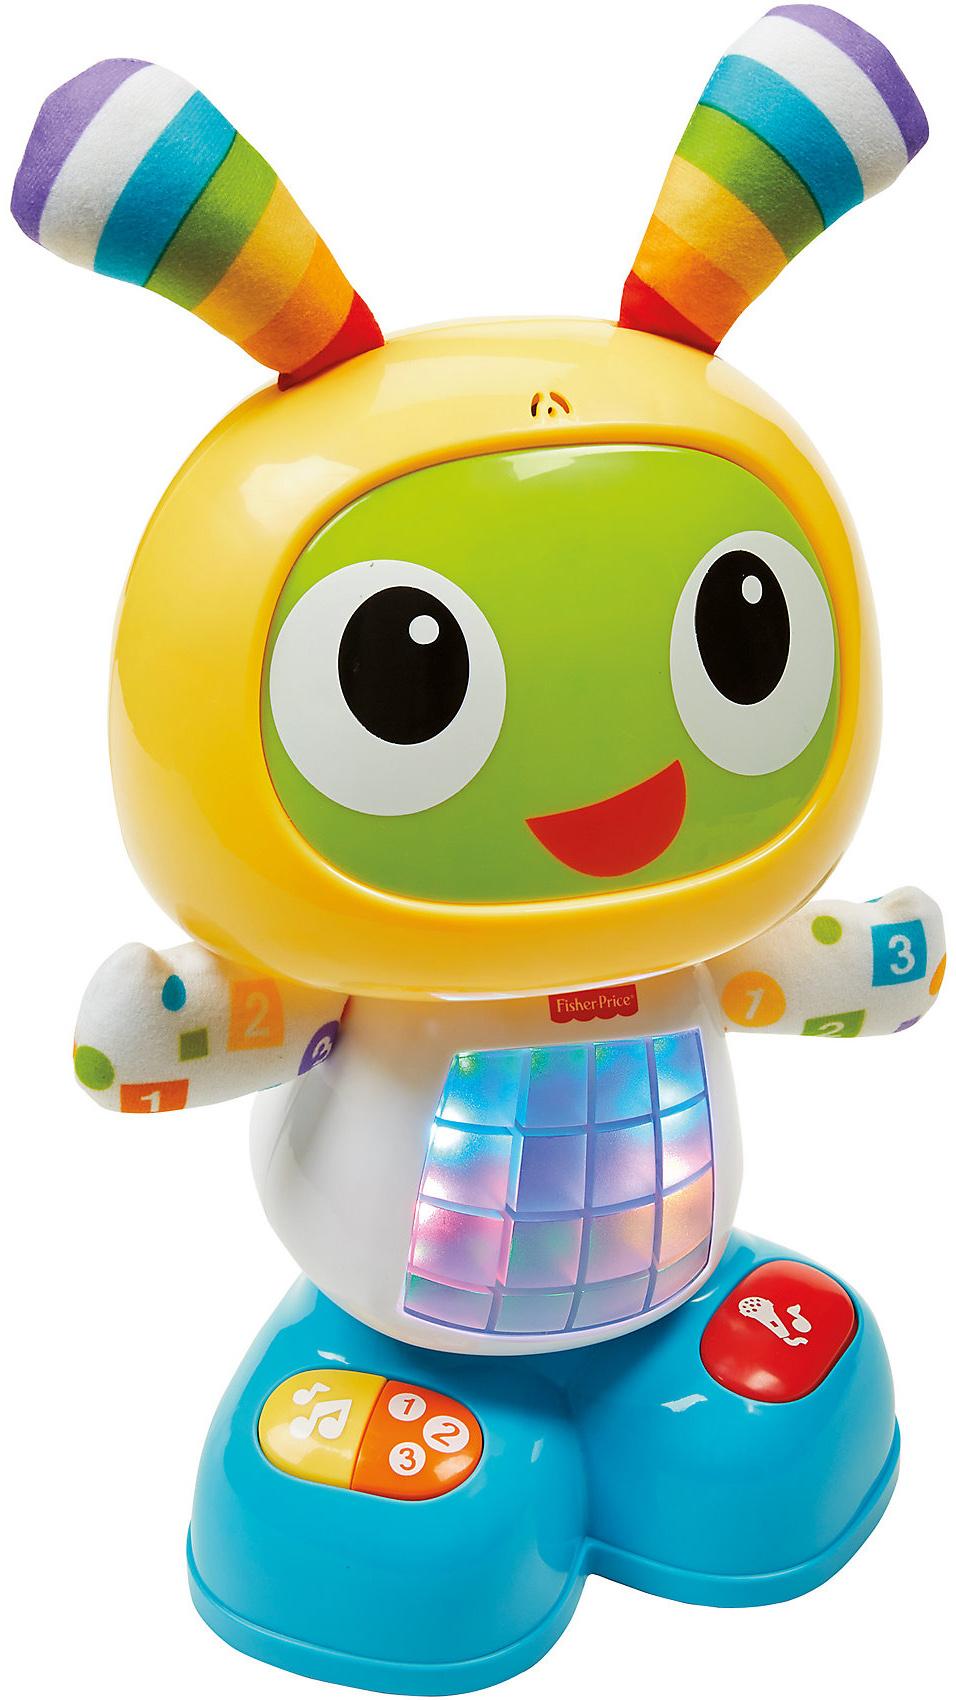 Развивающая игрушка Fisher Price Обучающий робот Бибо